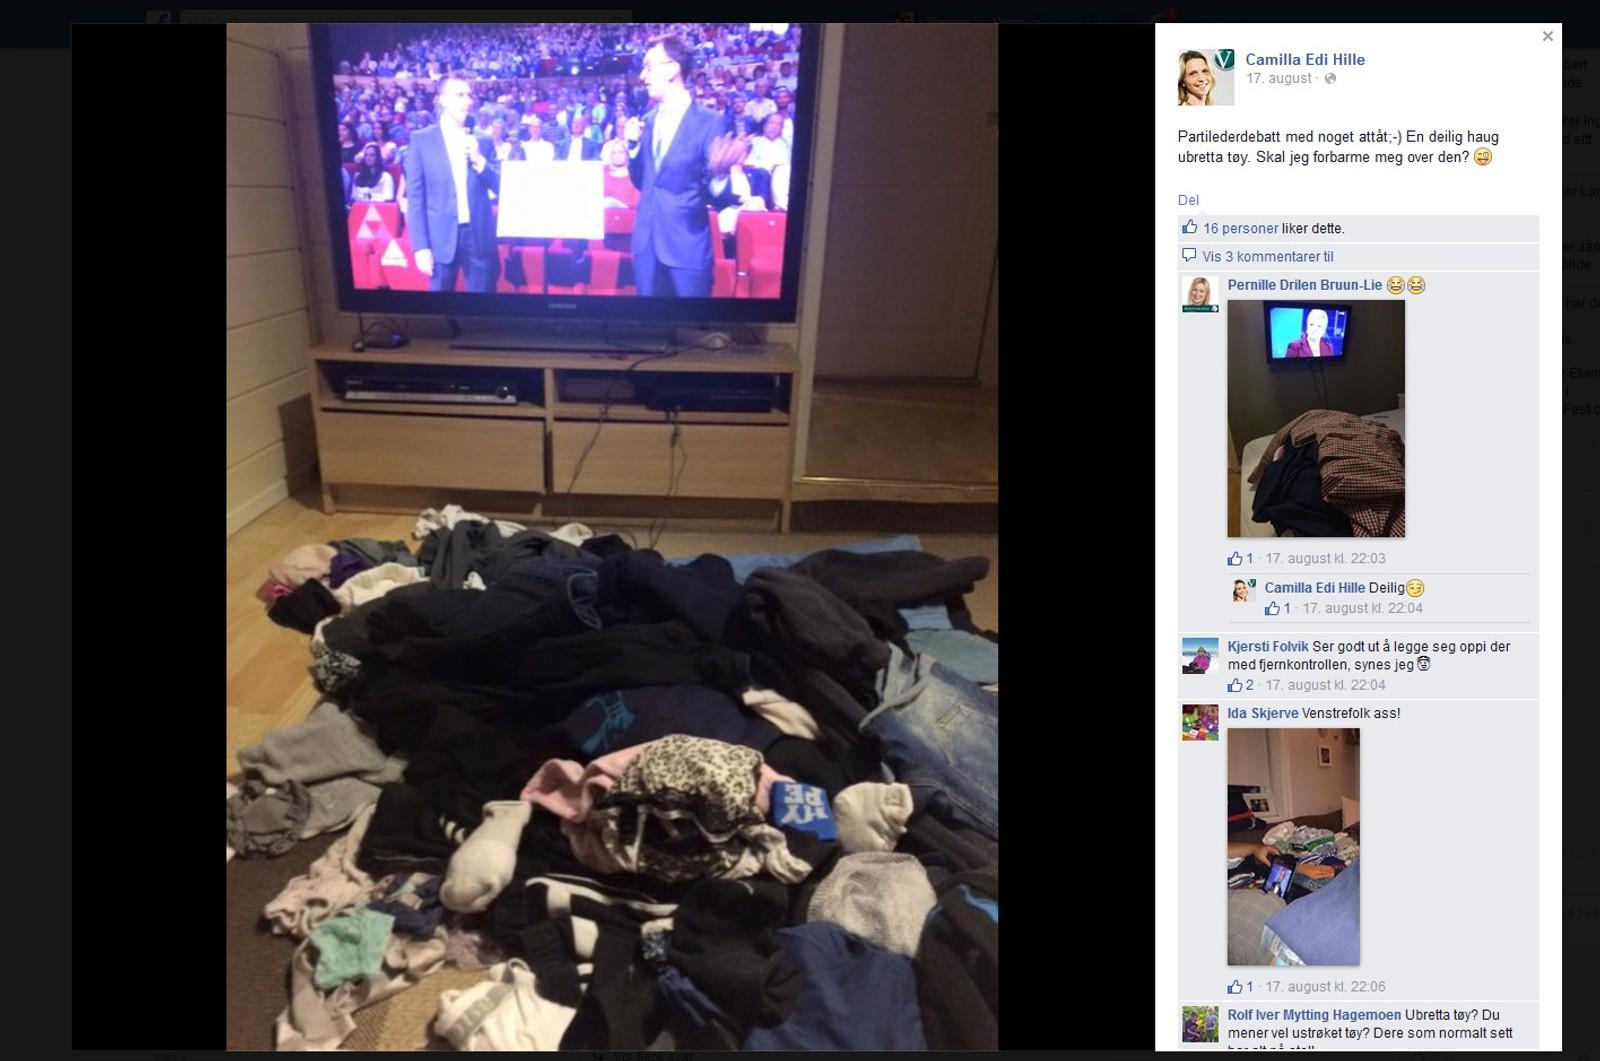 Akershuskommunen Skis ordførerkandidat fra Vestre, Camilla Edi Hille, deler humor og videoer av seg selv på Facebook og får mye respons på det.